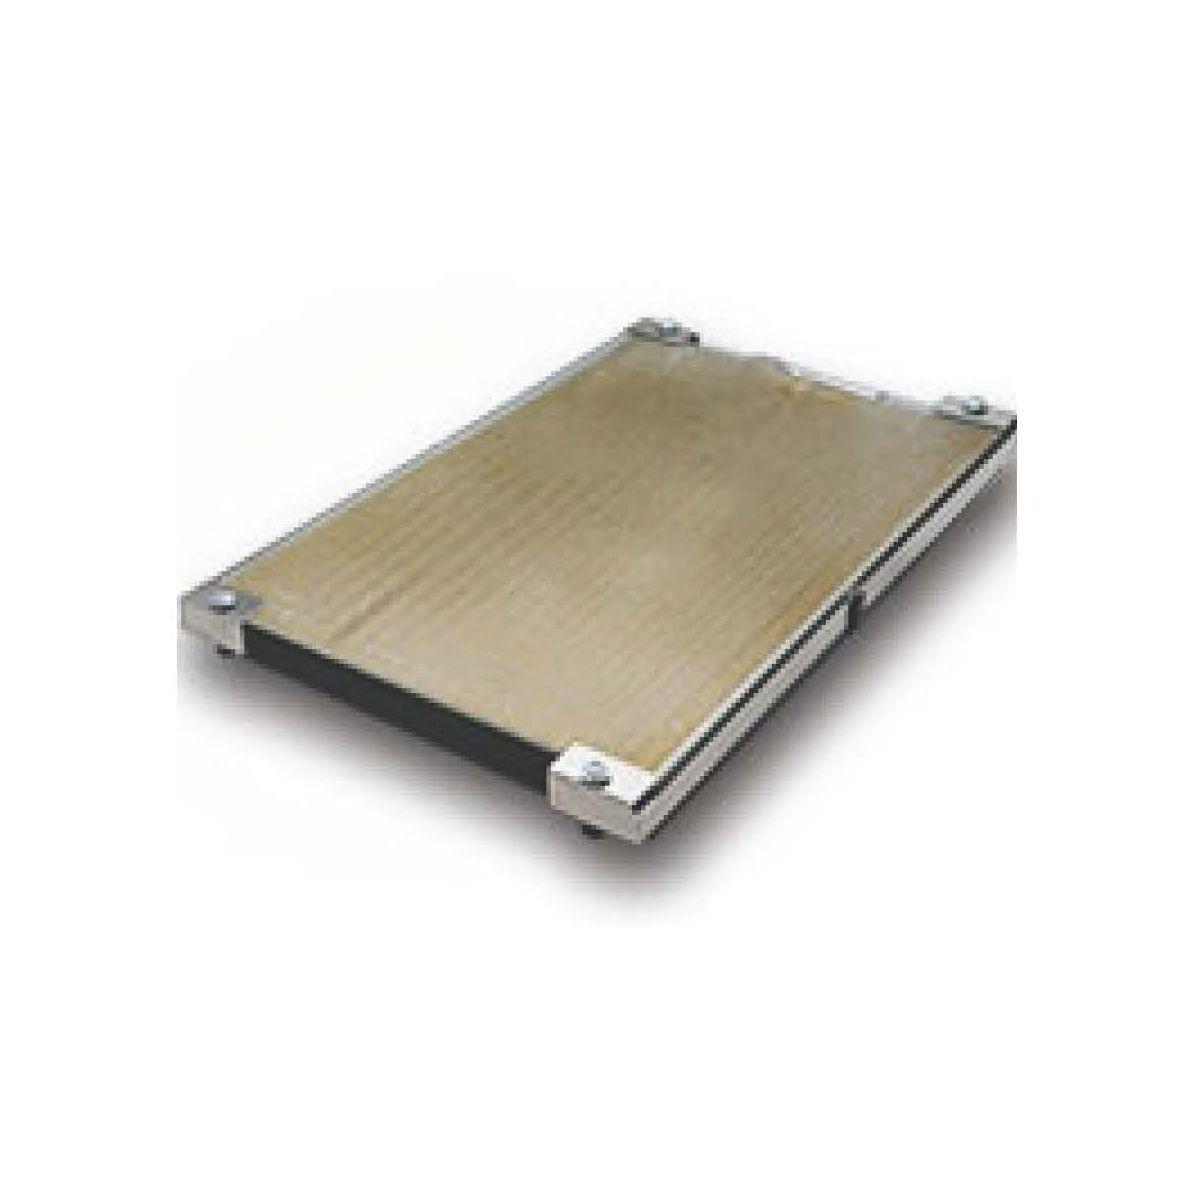 Accessoire imprimante 3d xyz printing plateau da vinci 2.0a - ...